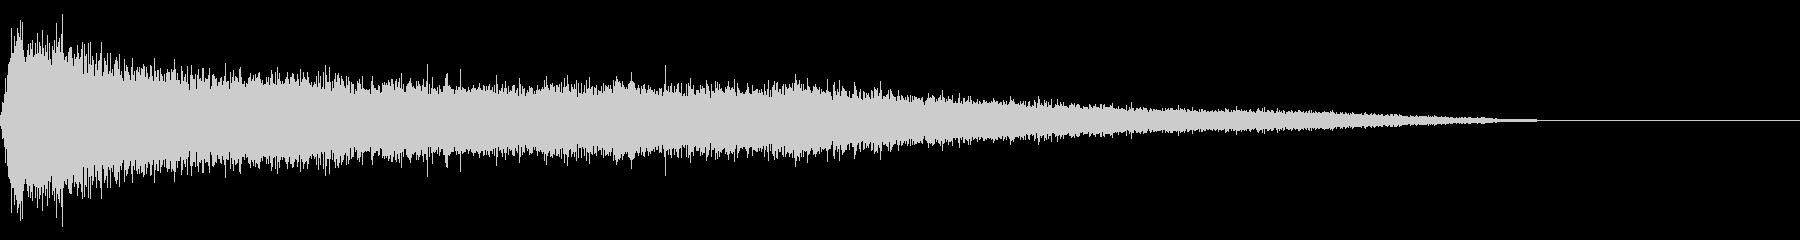 歓声 応援 拍手 大規模 効果音 01の未再生の波形